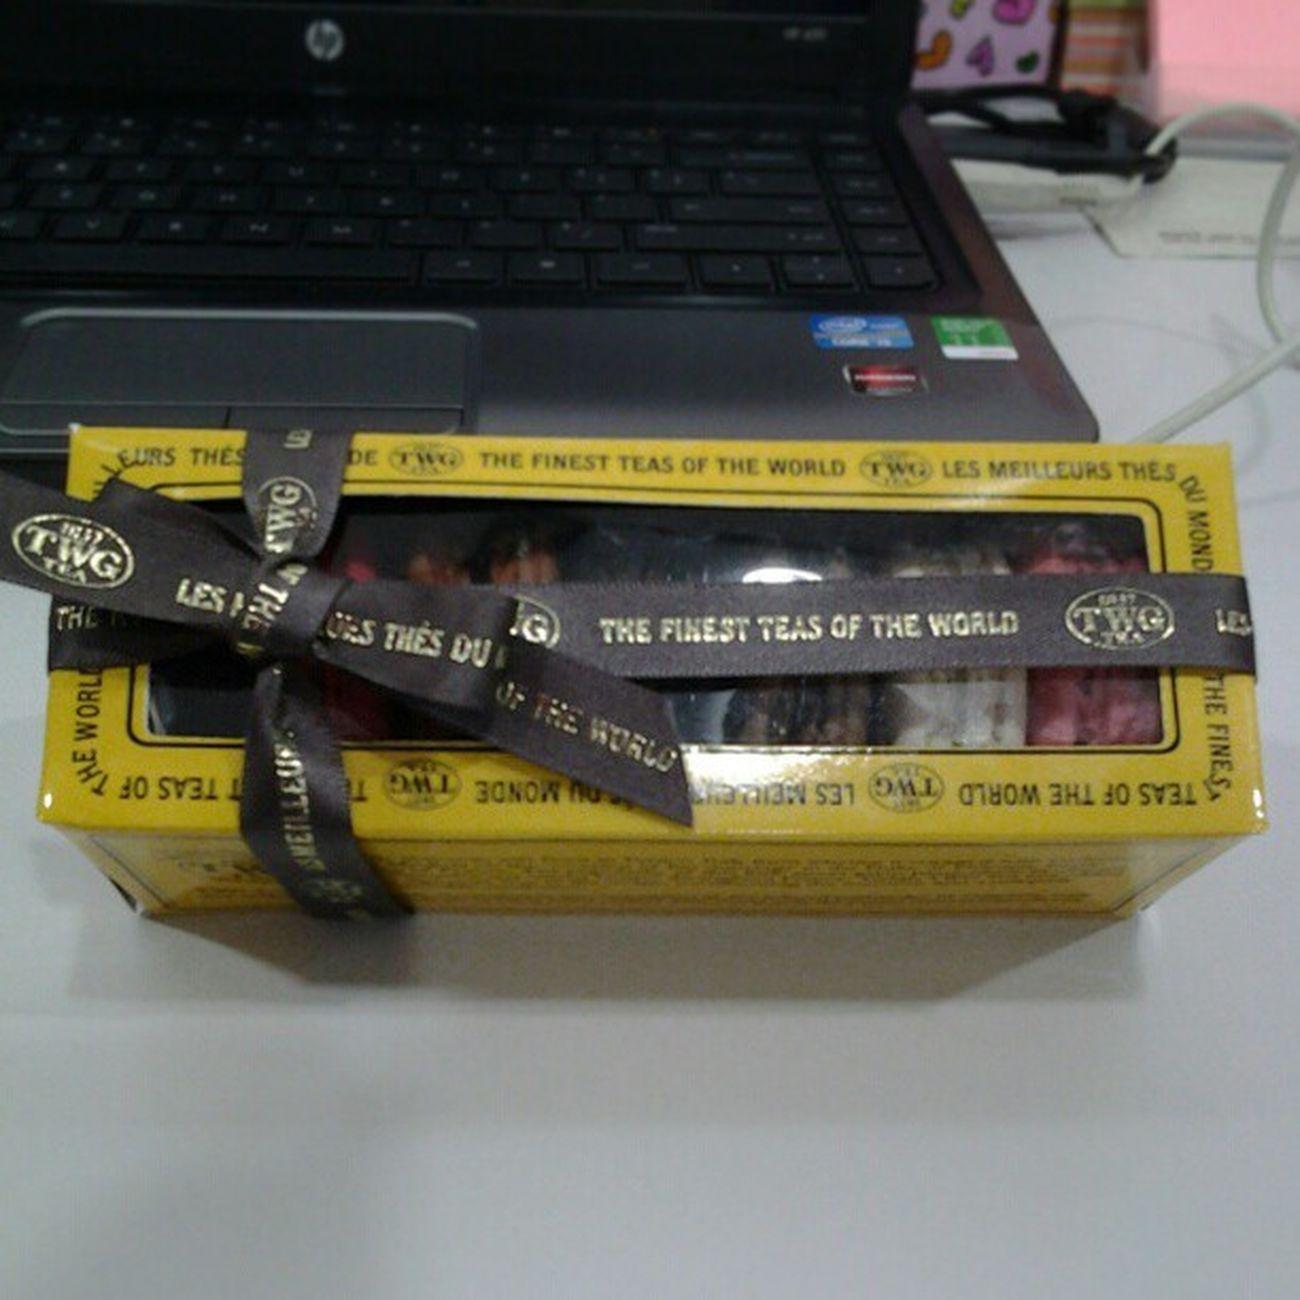 TWG MACARONS ♡♥♡♥ Retailteam TWG